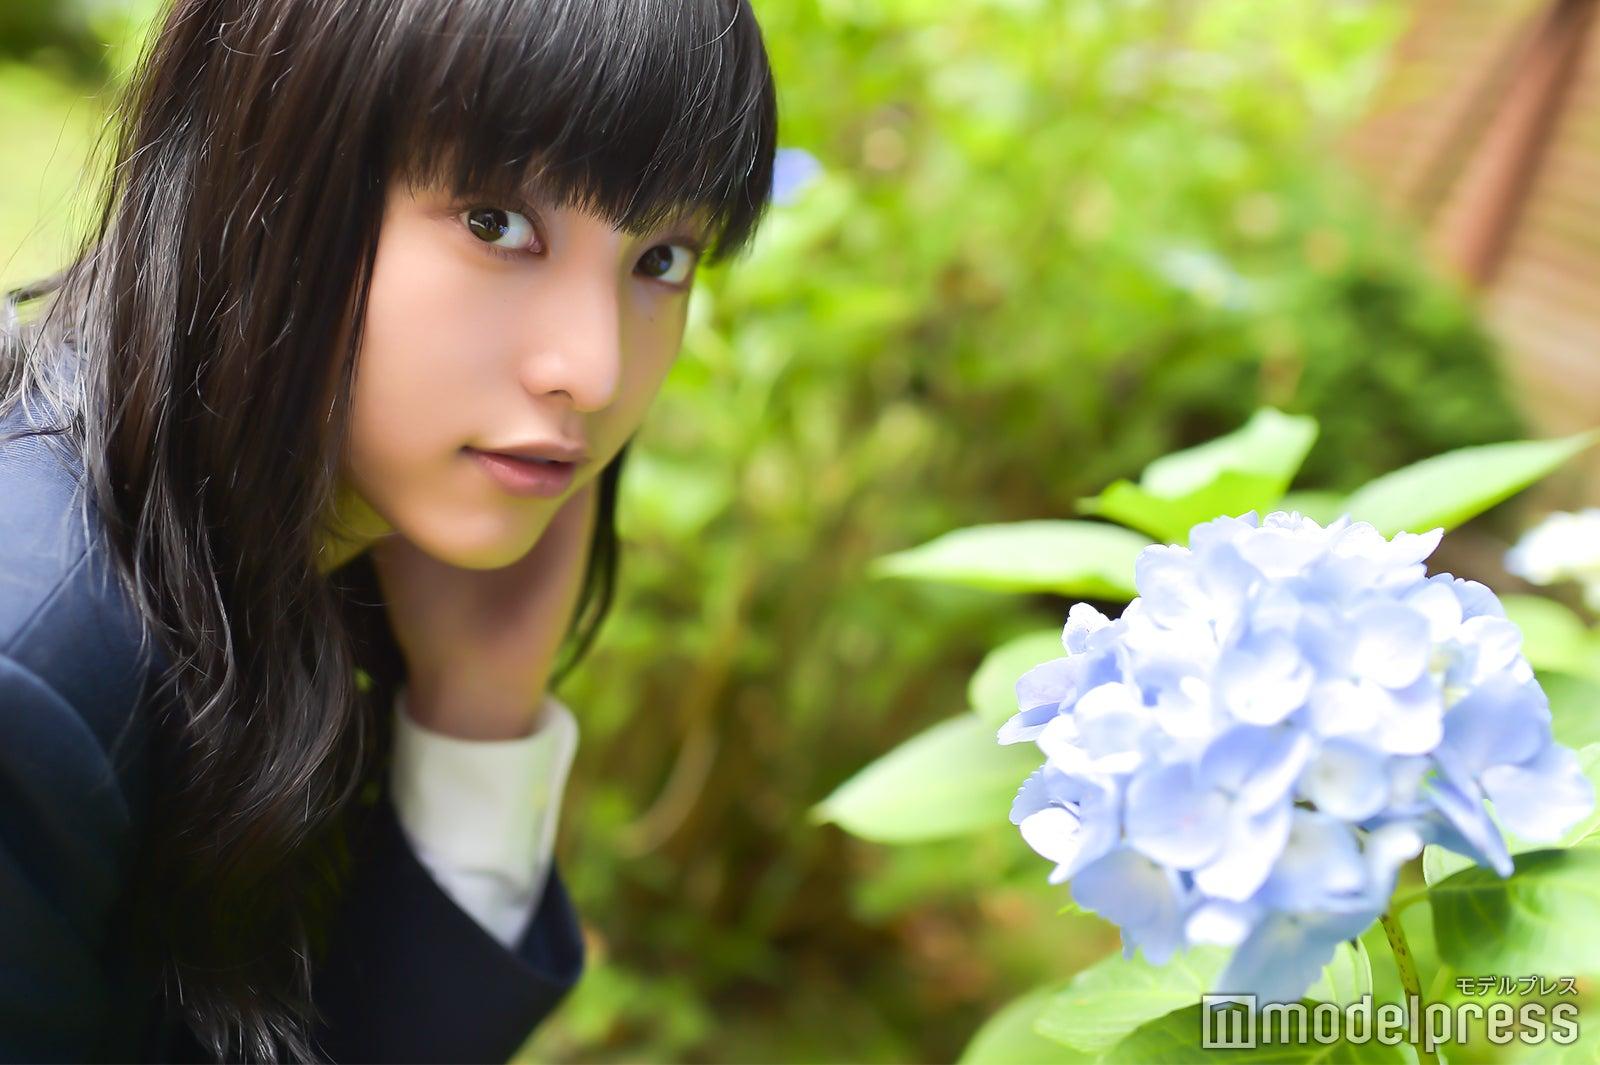 モデルプレスのインタビューに応じた山田愛奈 (C)モデルプレス